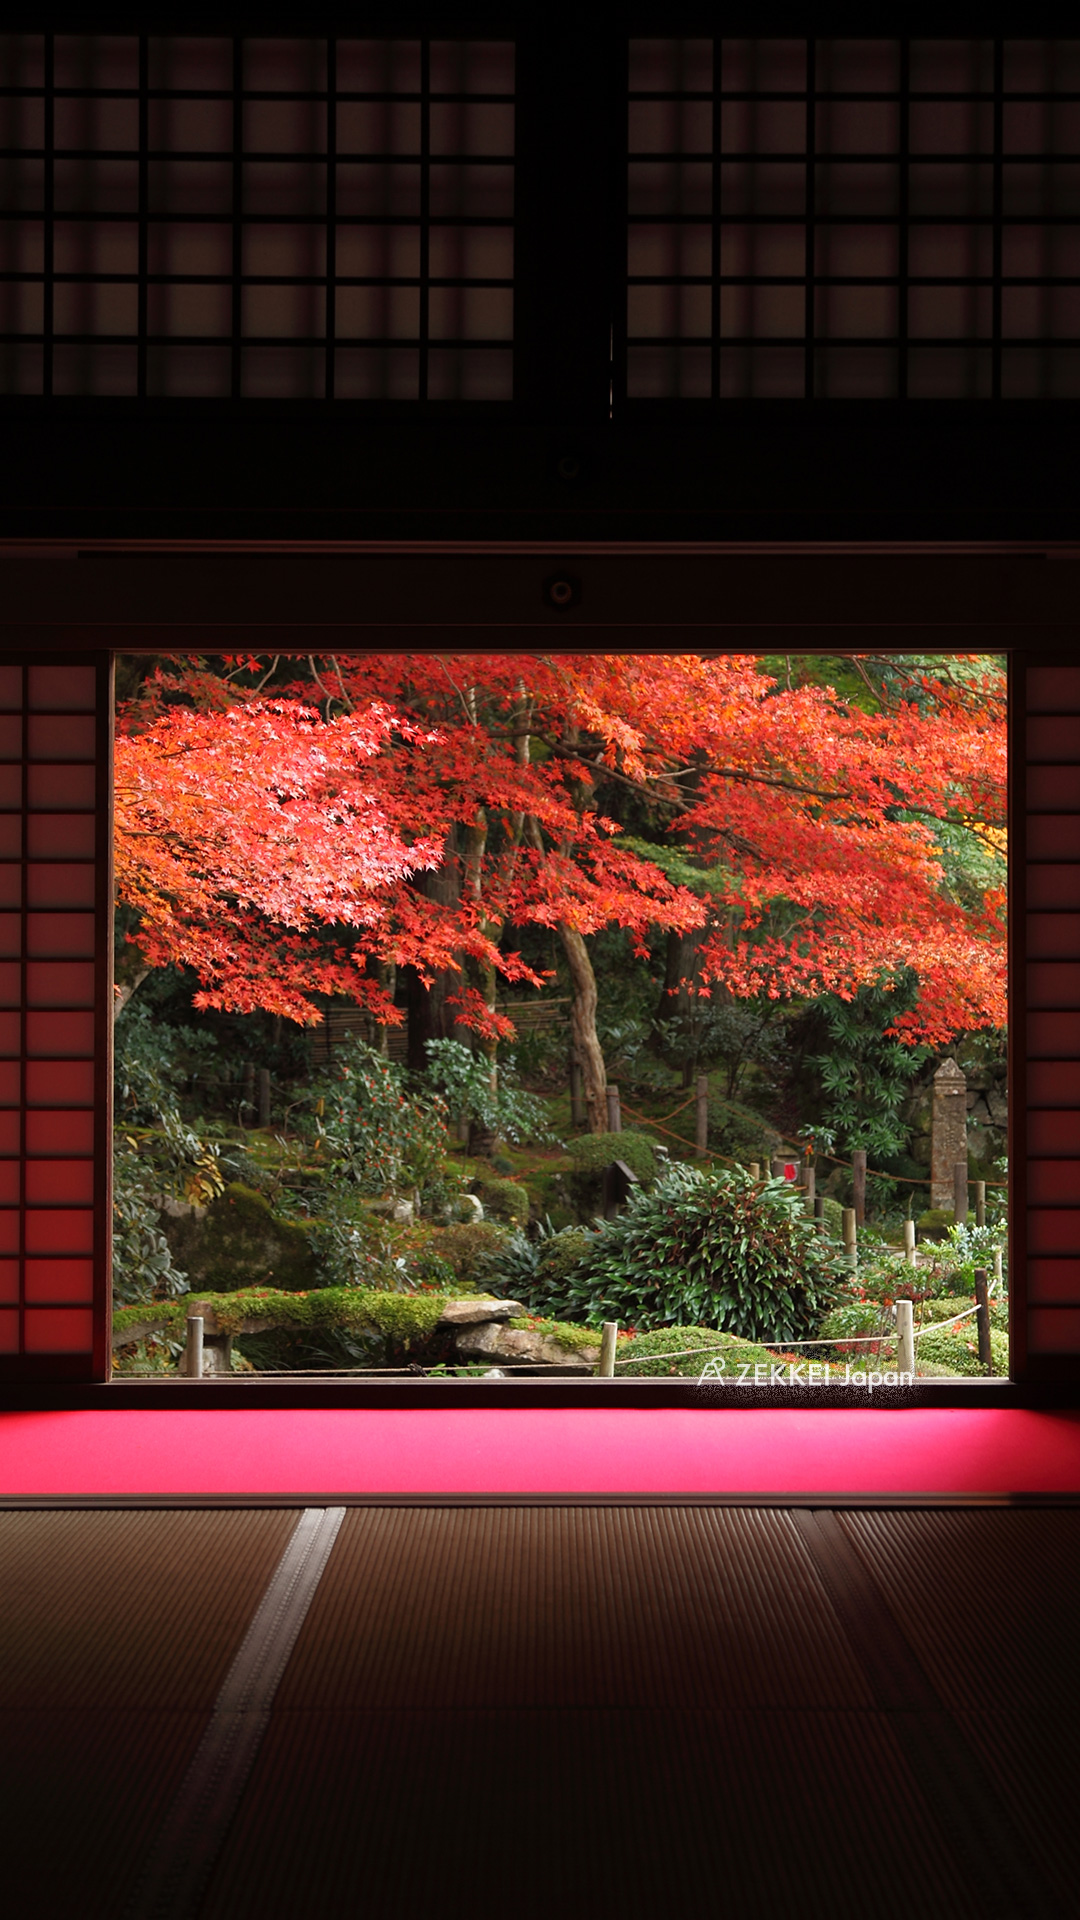 絶景壁紙 窓 から愛でる紅葉の壁紙を あなたのパソコンやスマホに